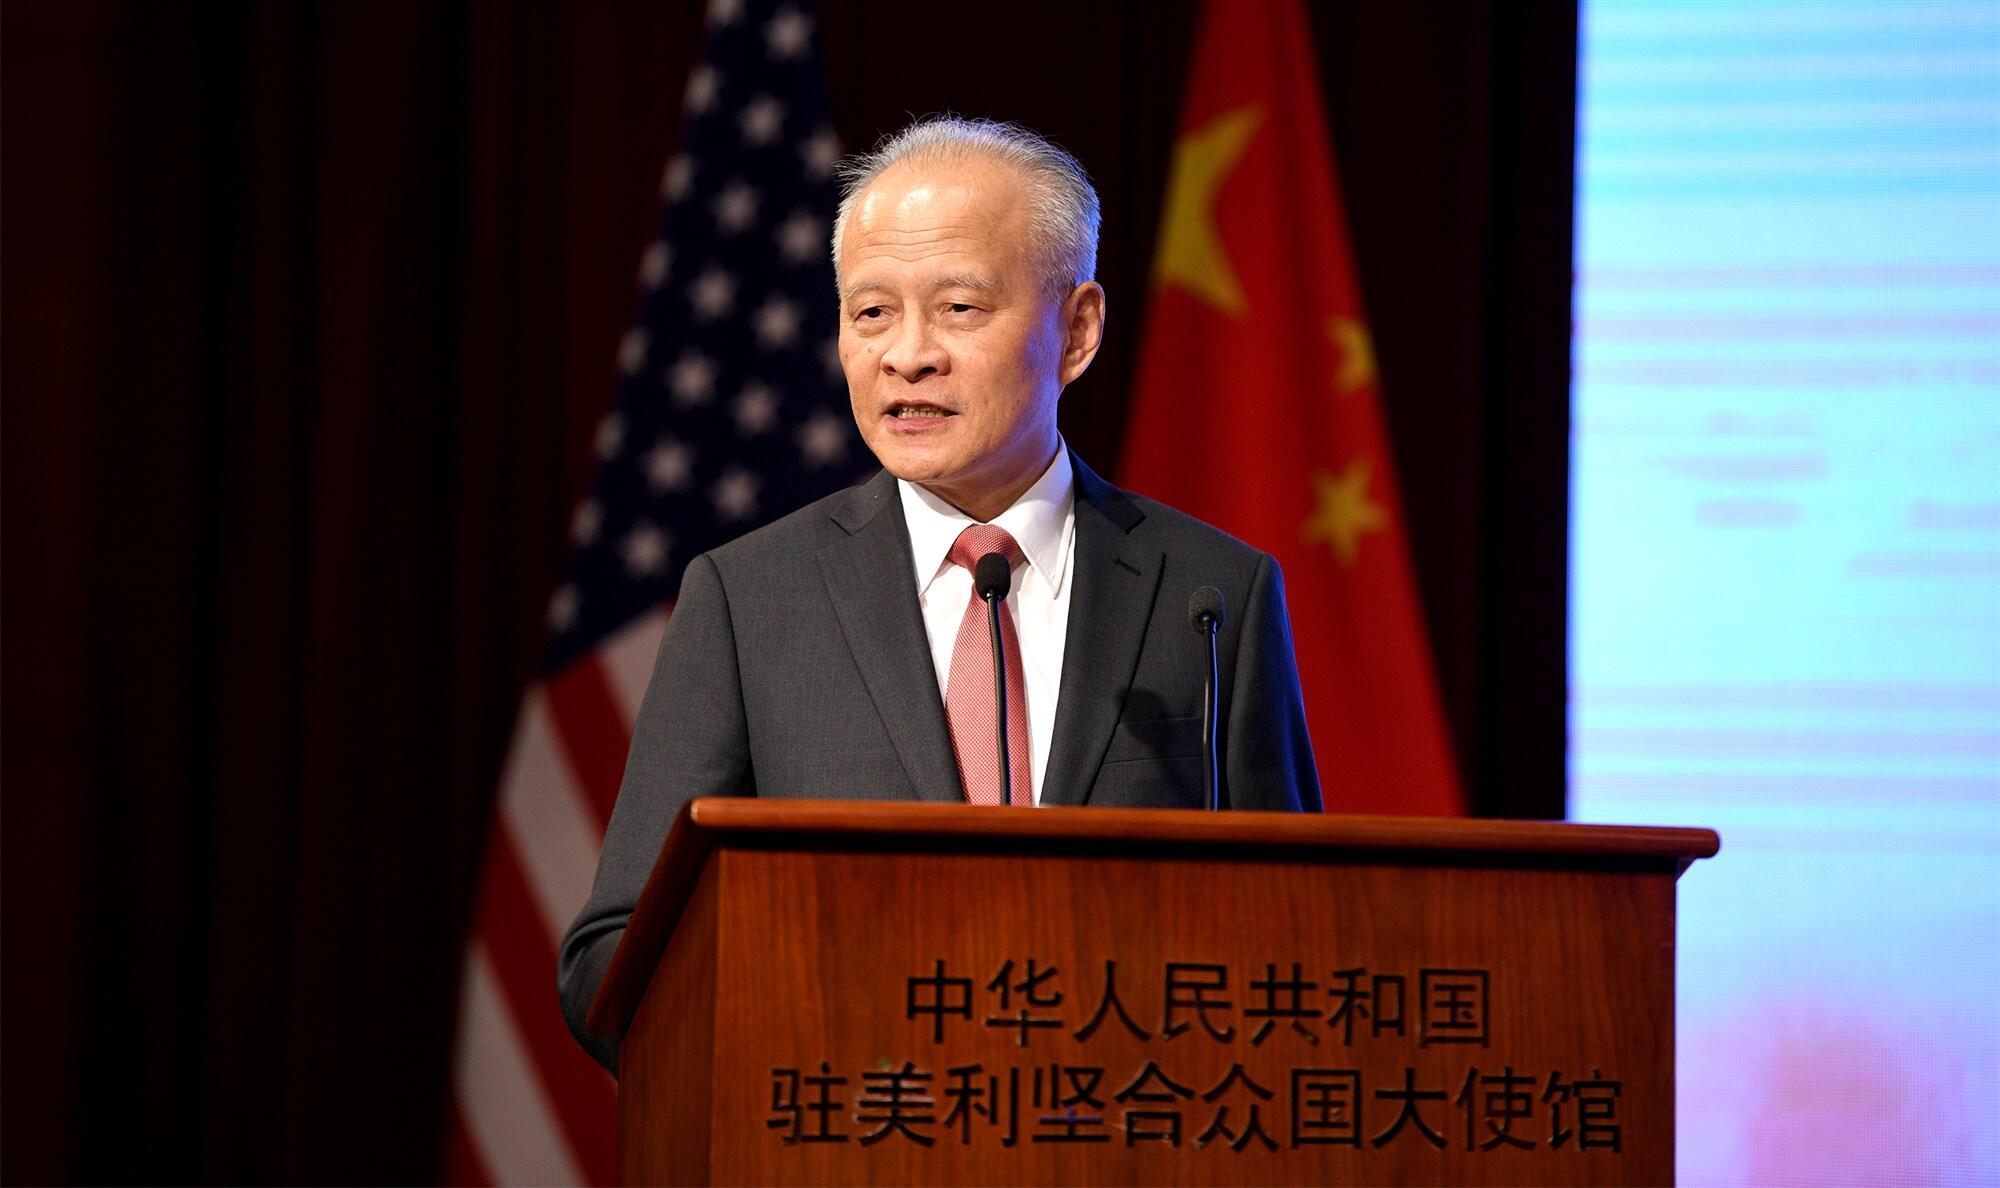 【百度快照在哪】_特朗普政府威胁禁用TikTok,中国驻美大使崔天凯表态